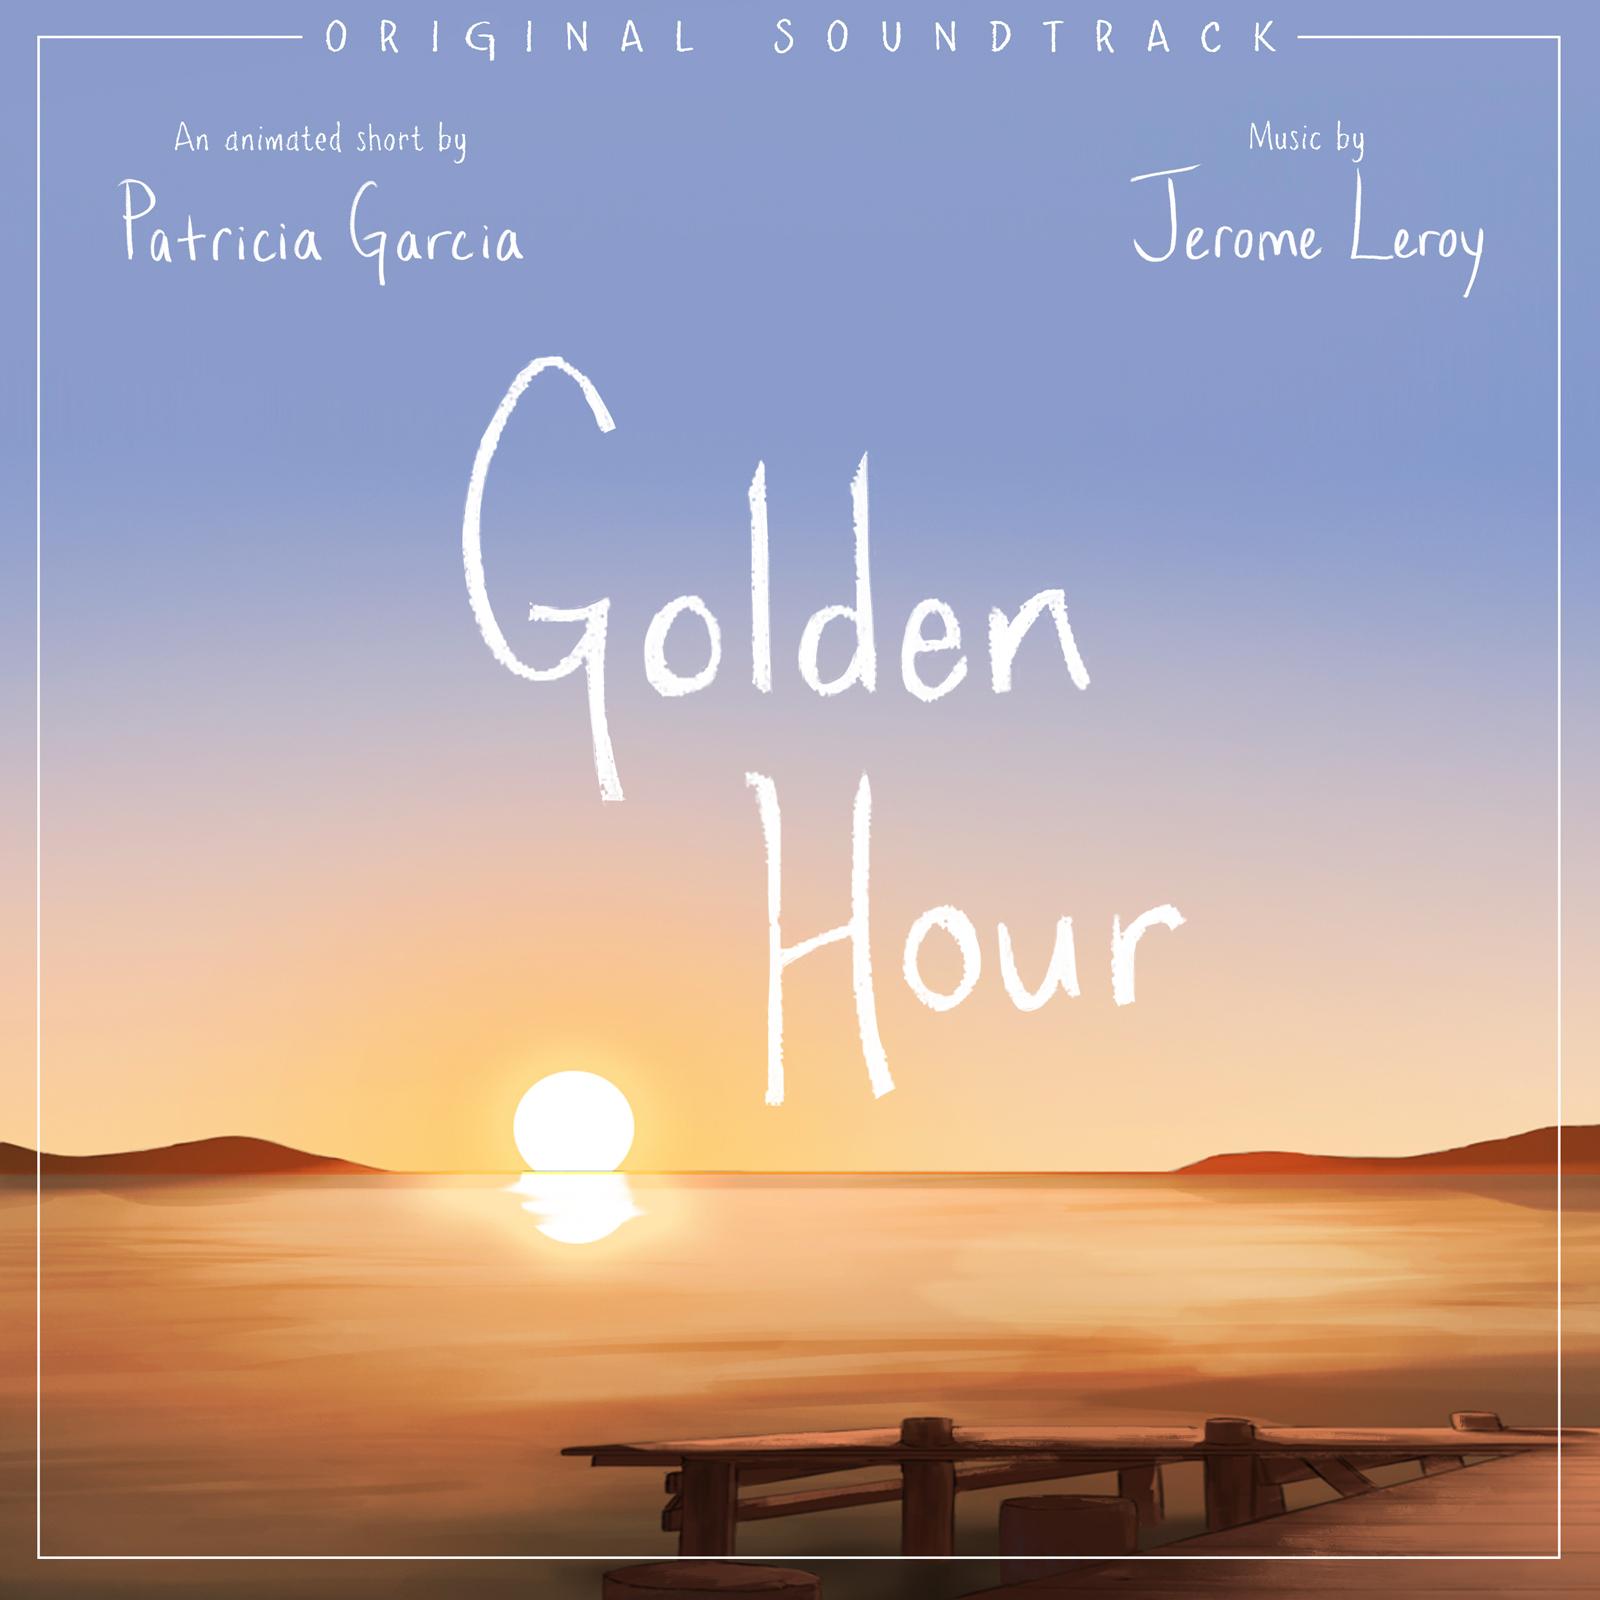 Golden Hour – Original Soundtrack (Cover Art) 1600px.jpg